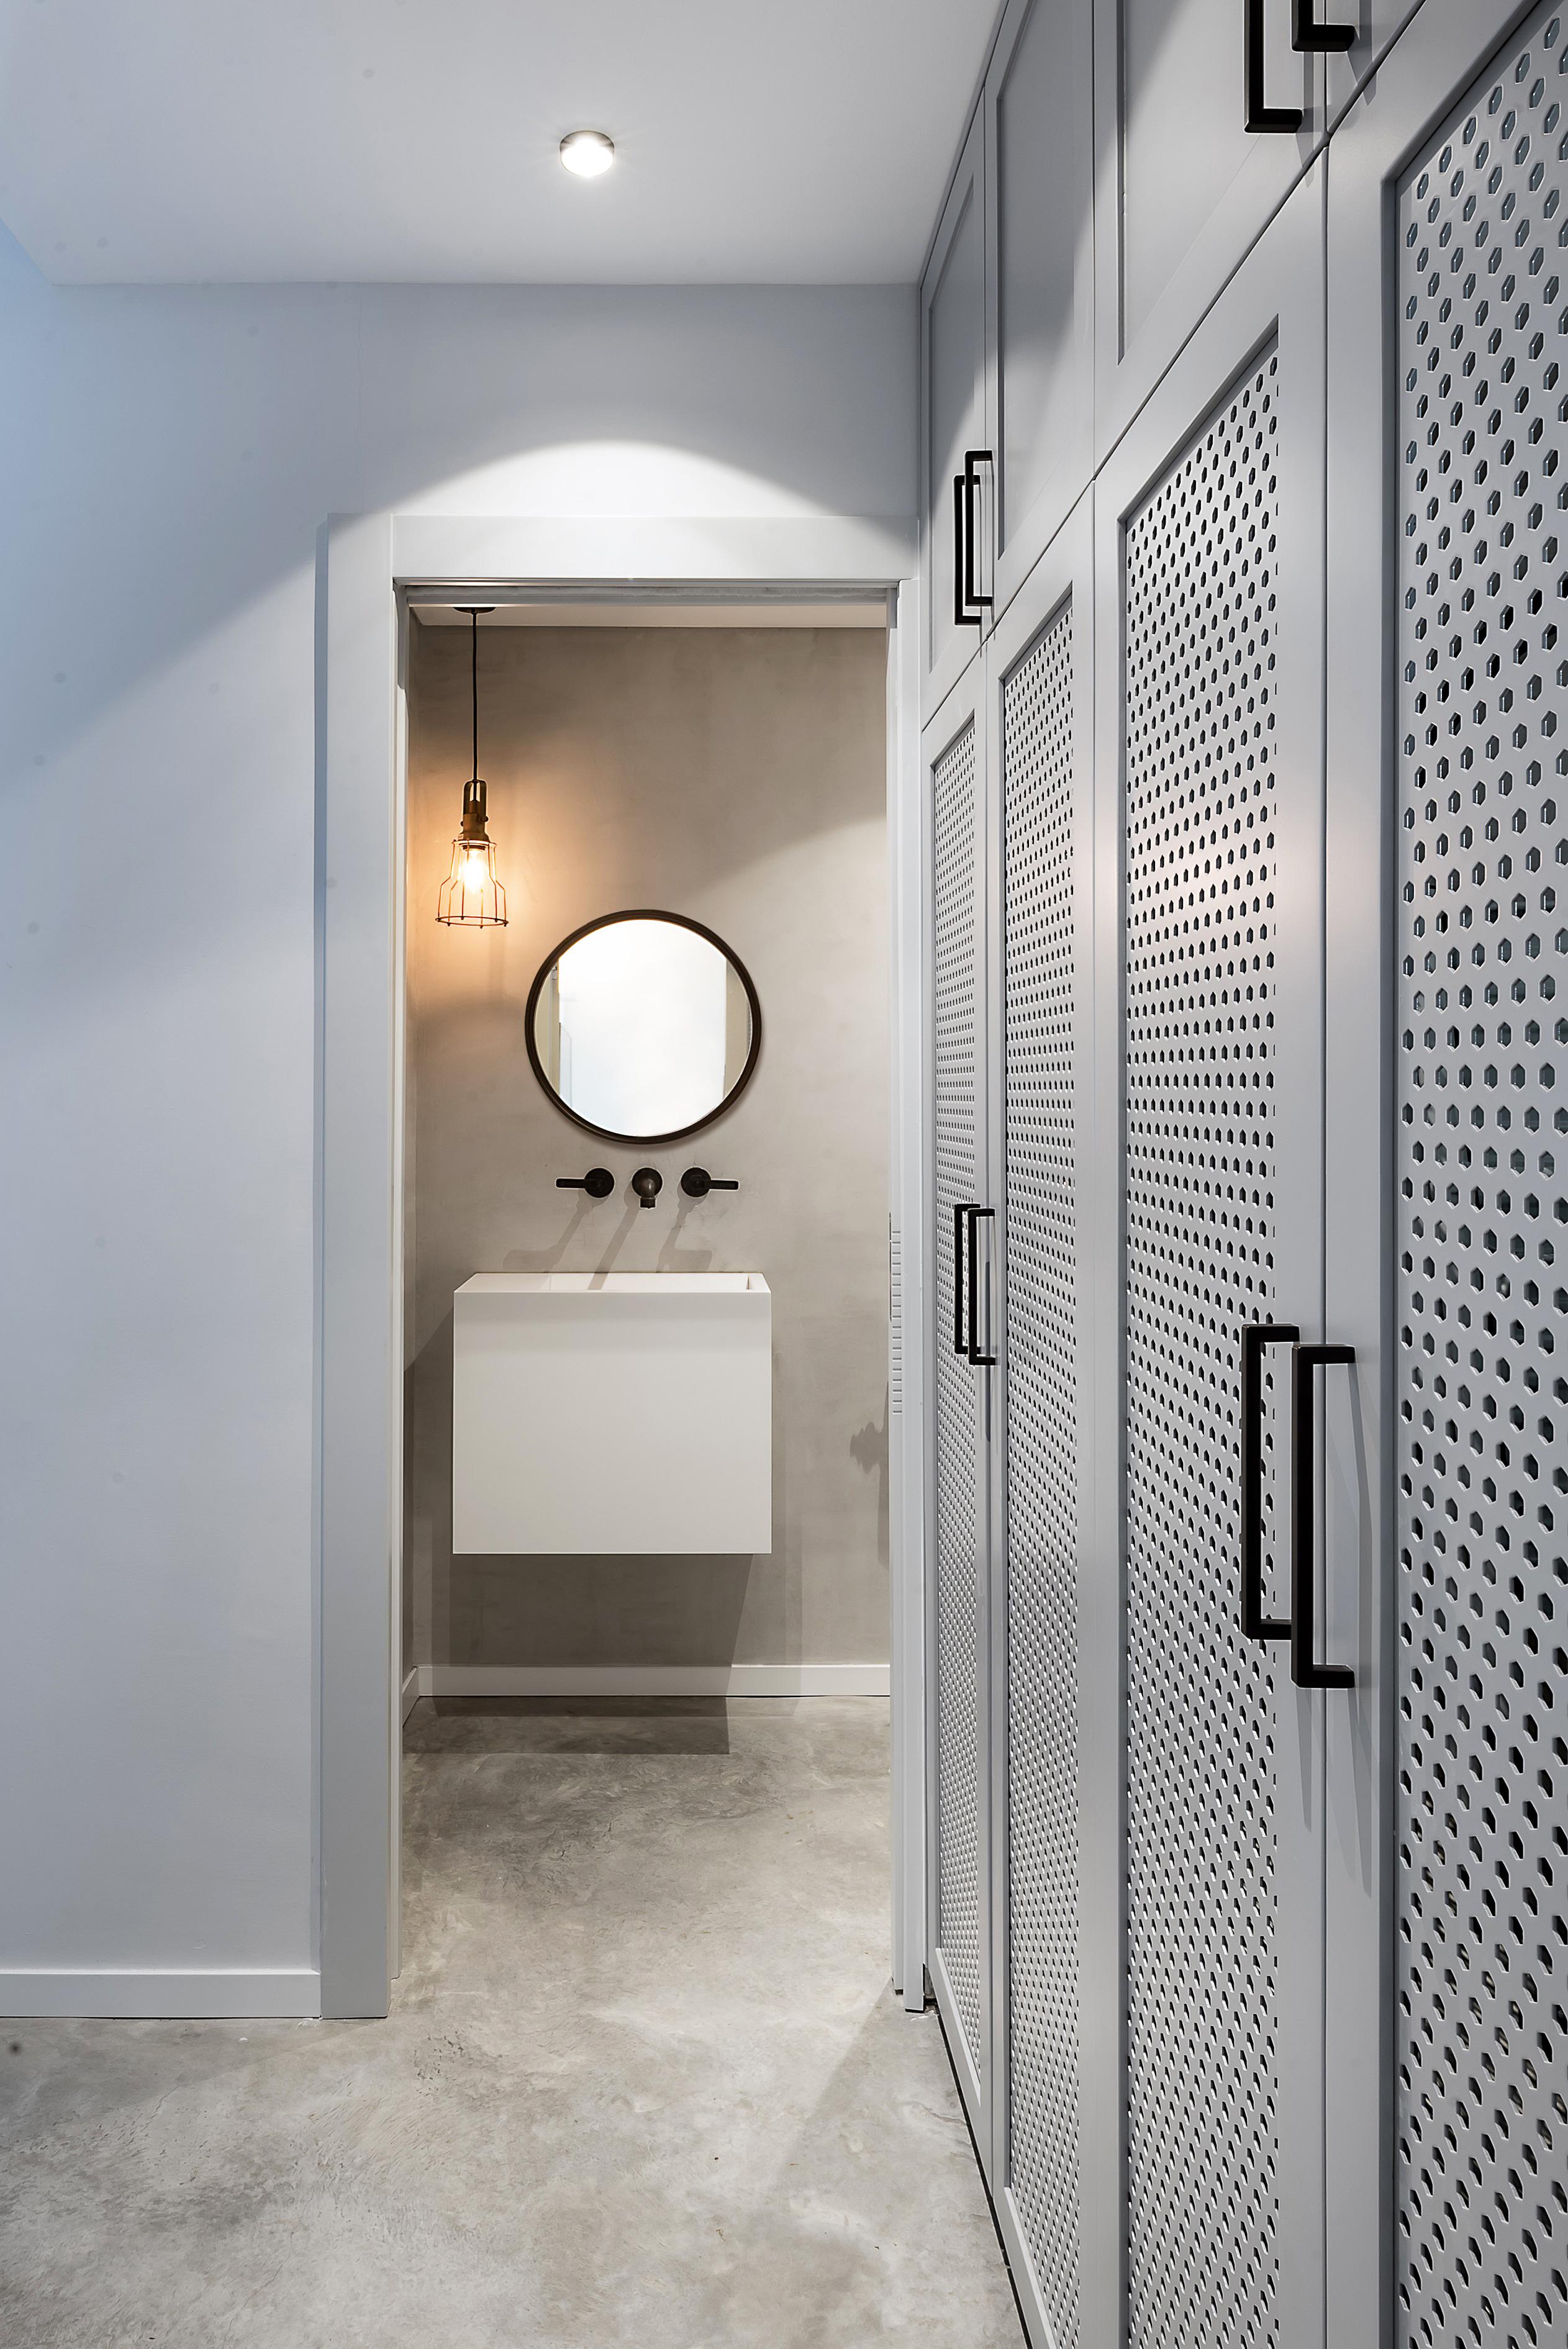 תכנון ועיצוב שלומית זלדמן, צילום עמית גושר (11)